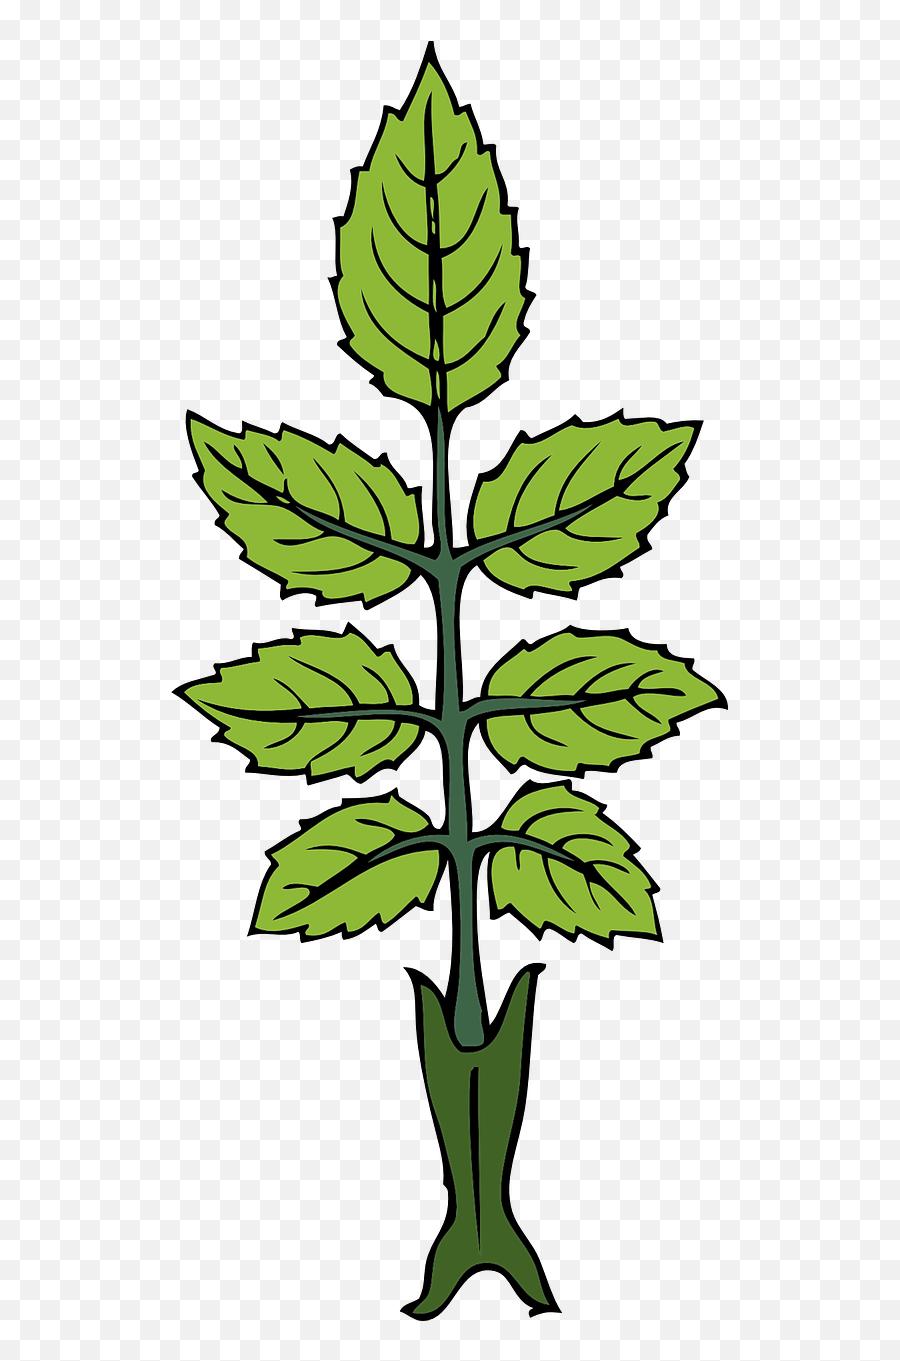 Mint Herb Leaves Green Fragrant - Draw A Mint Plant Emoji